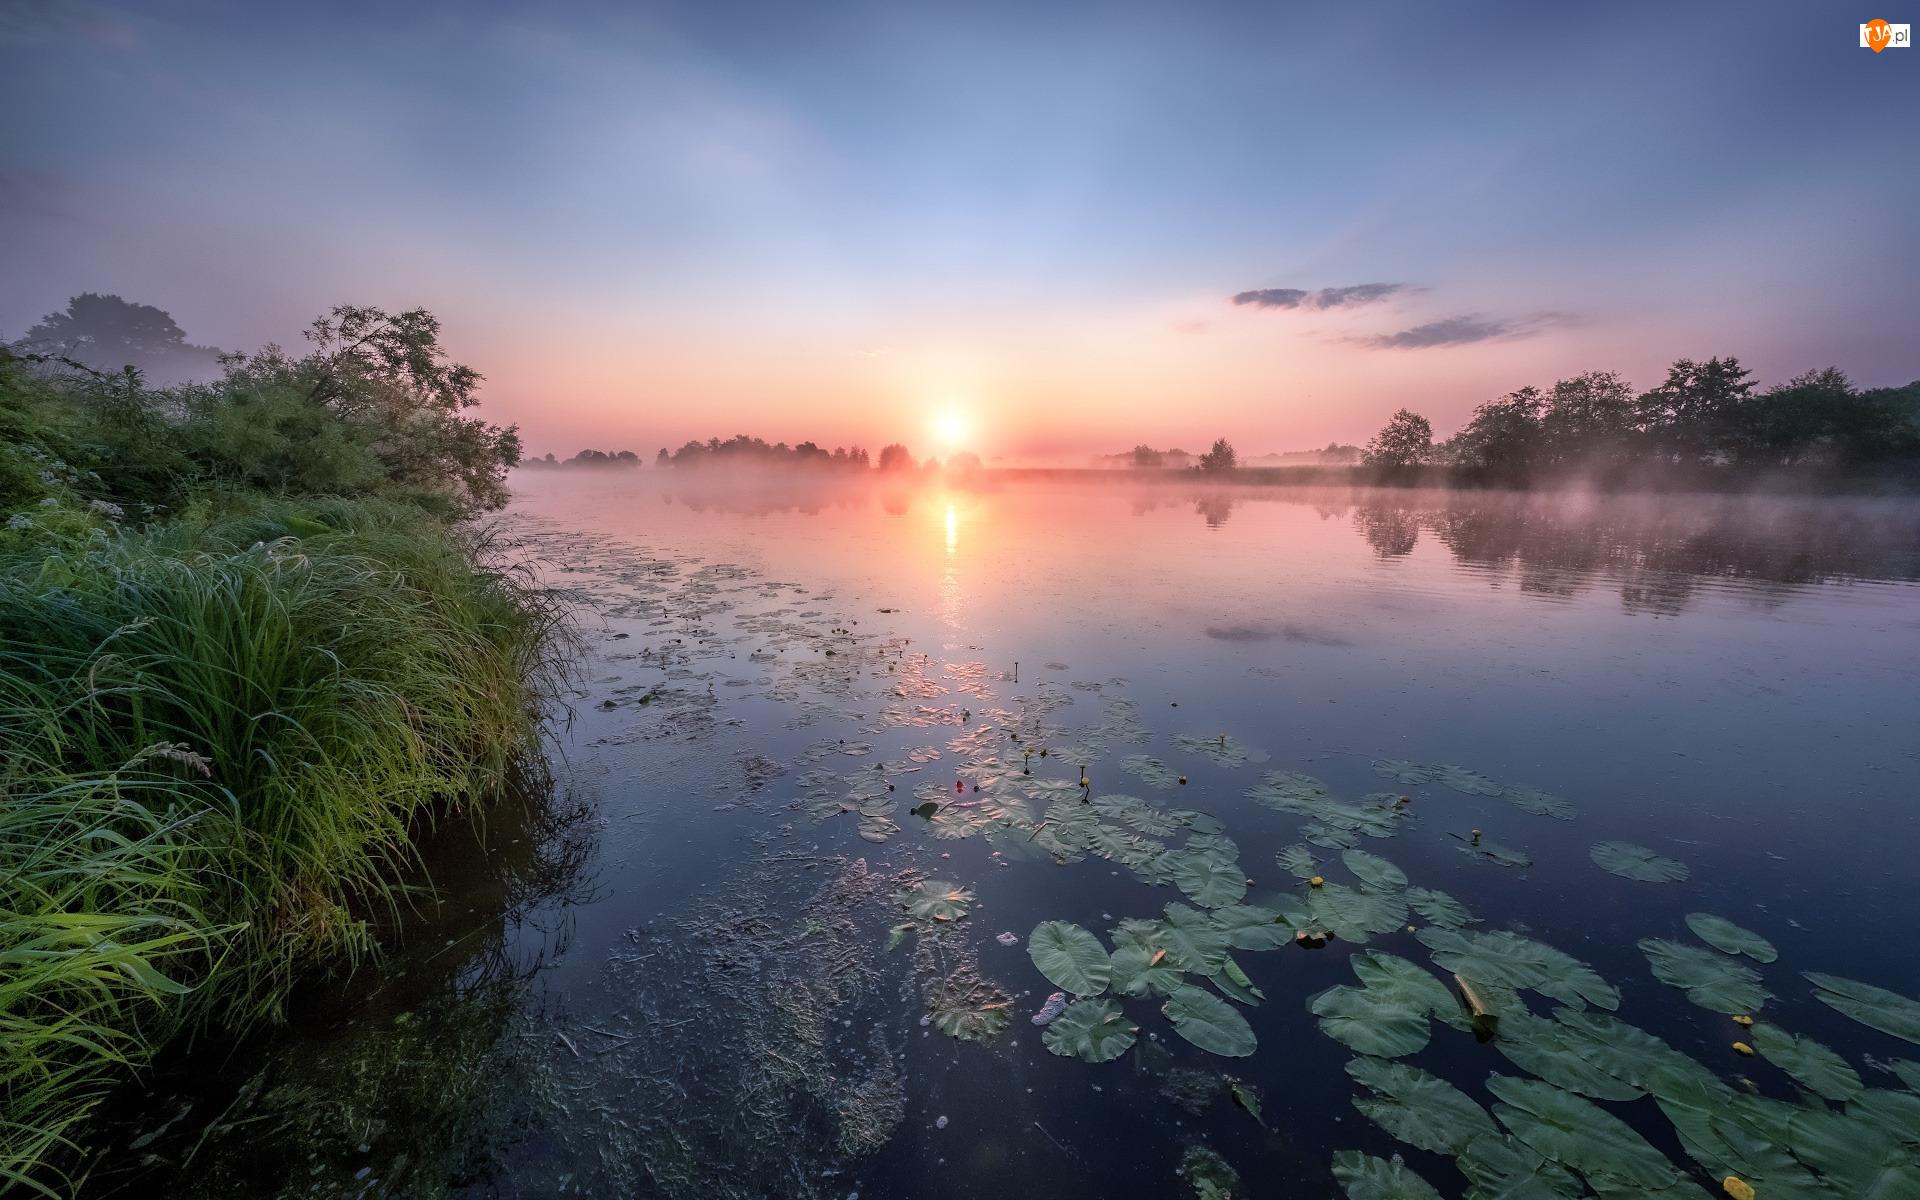 Łotwa, Rzeka Dubna, Łatgalia, Wschód słońca, Mgła, Lilie, Wodne, Trawa, Świt